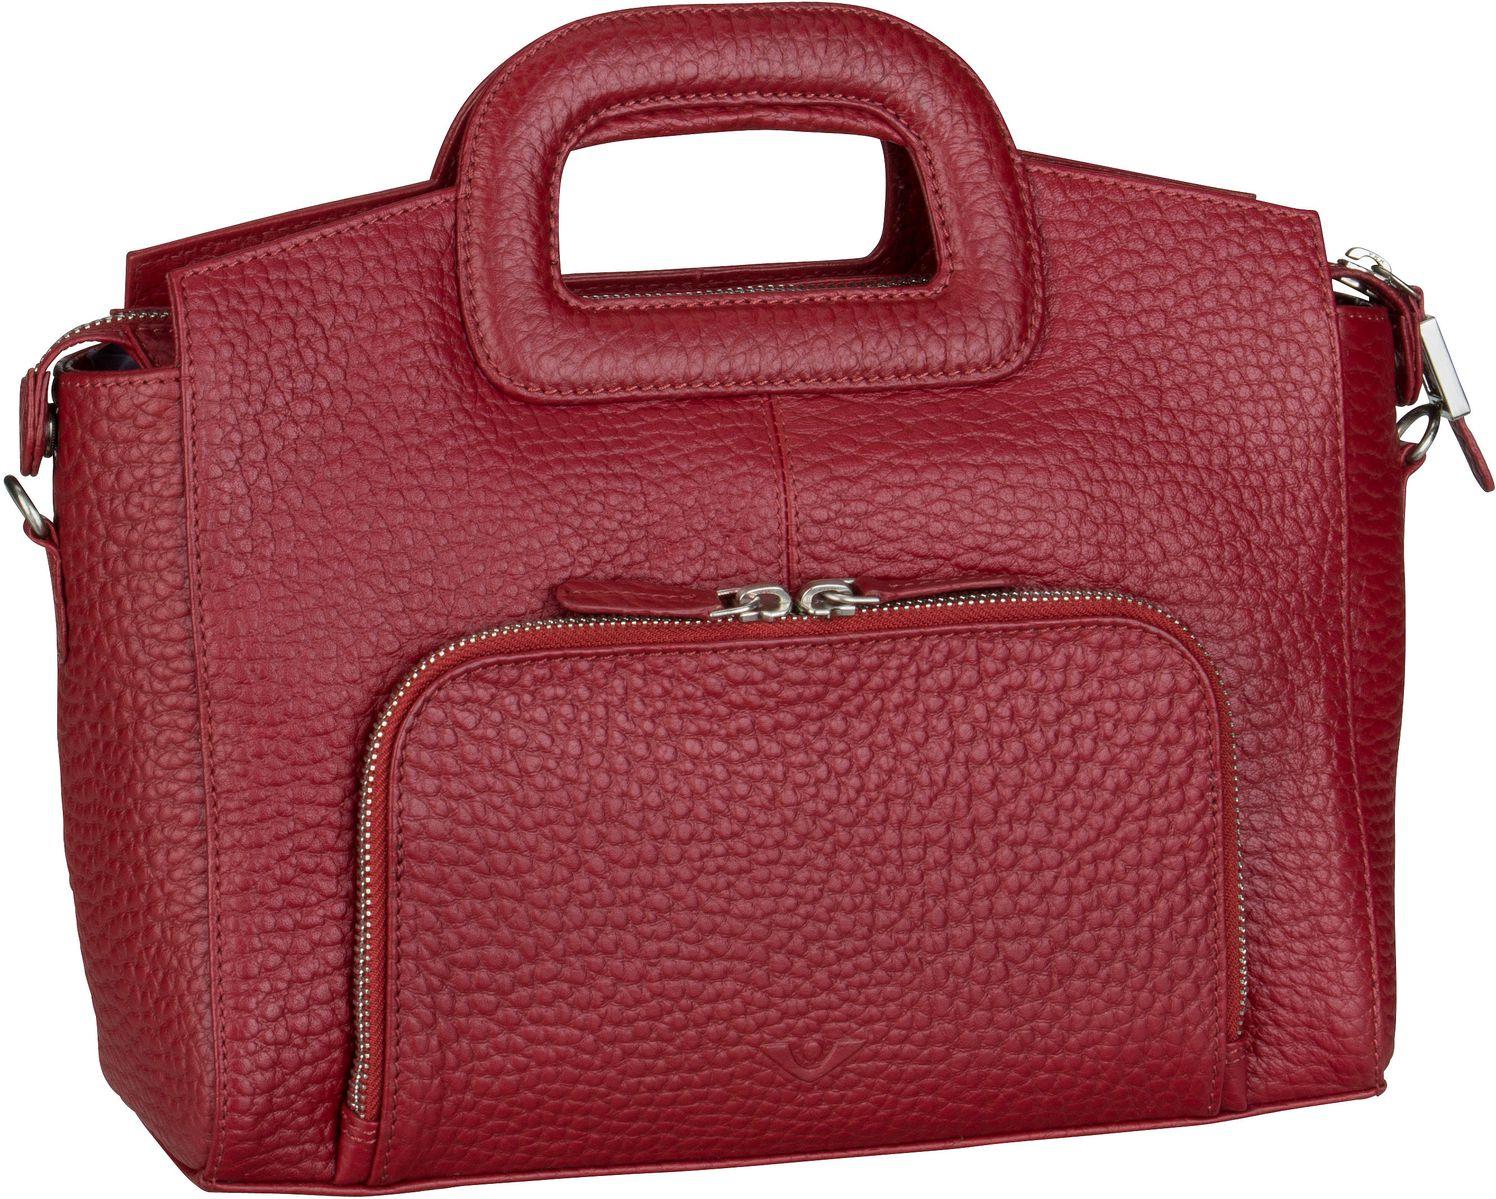 Voi Handtasche Arabella 21967 Granat